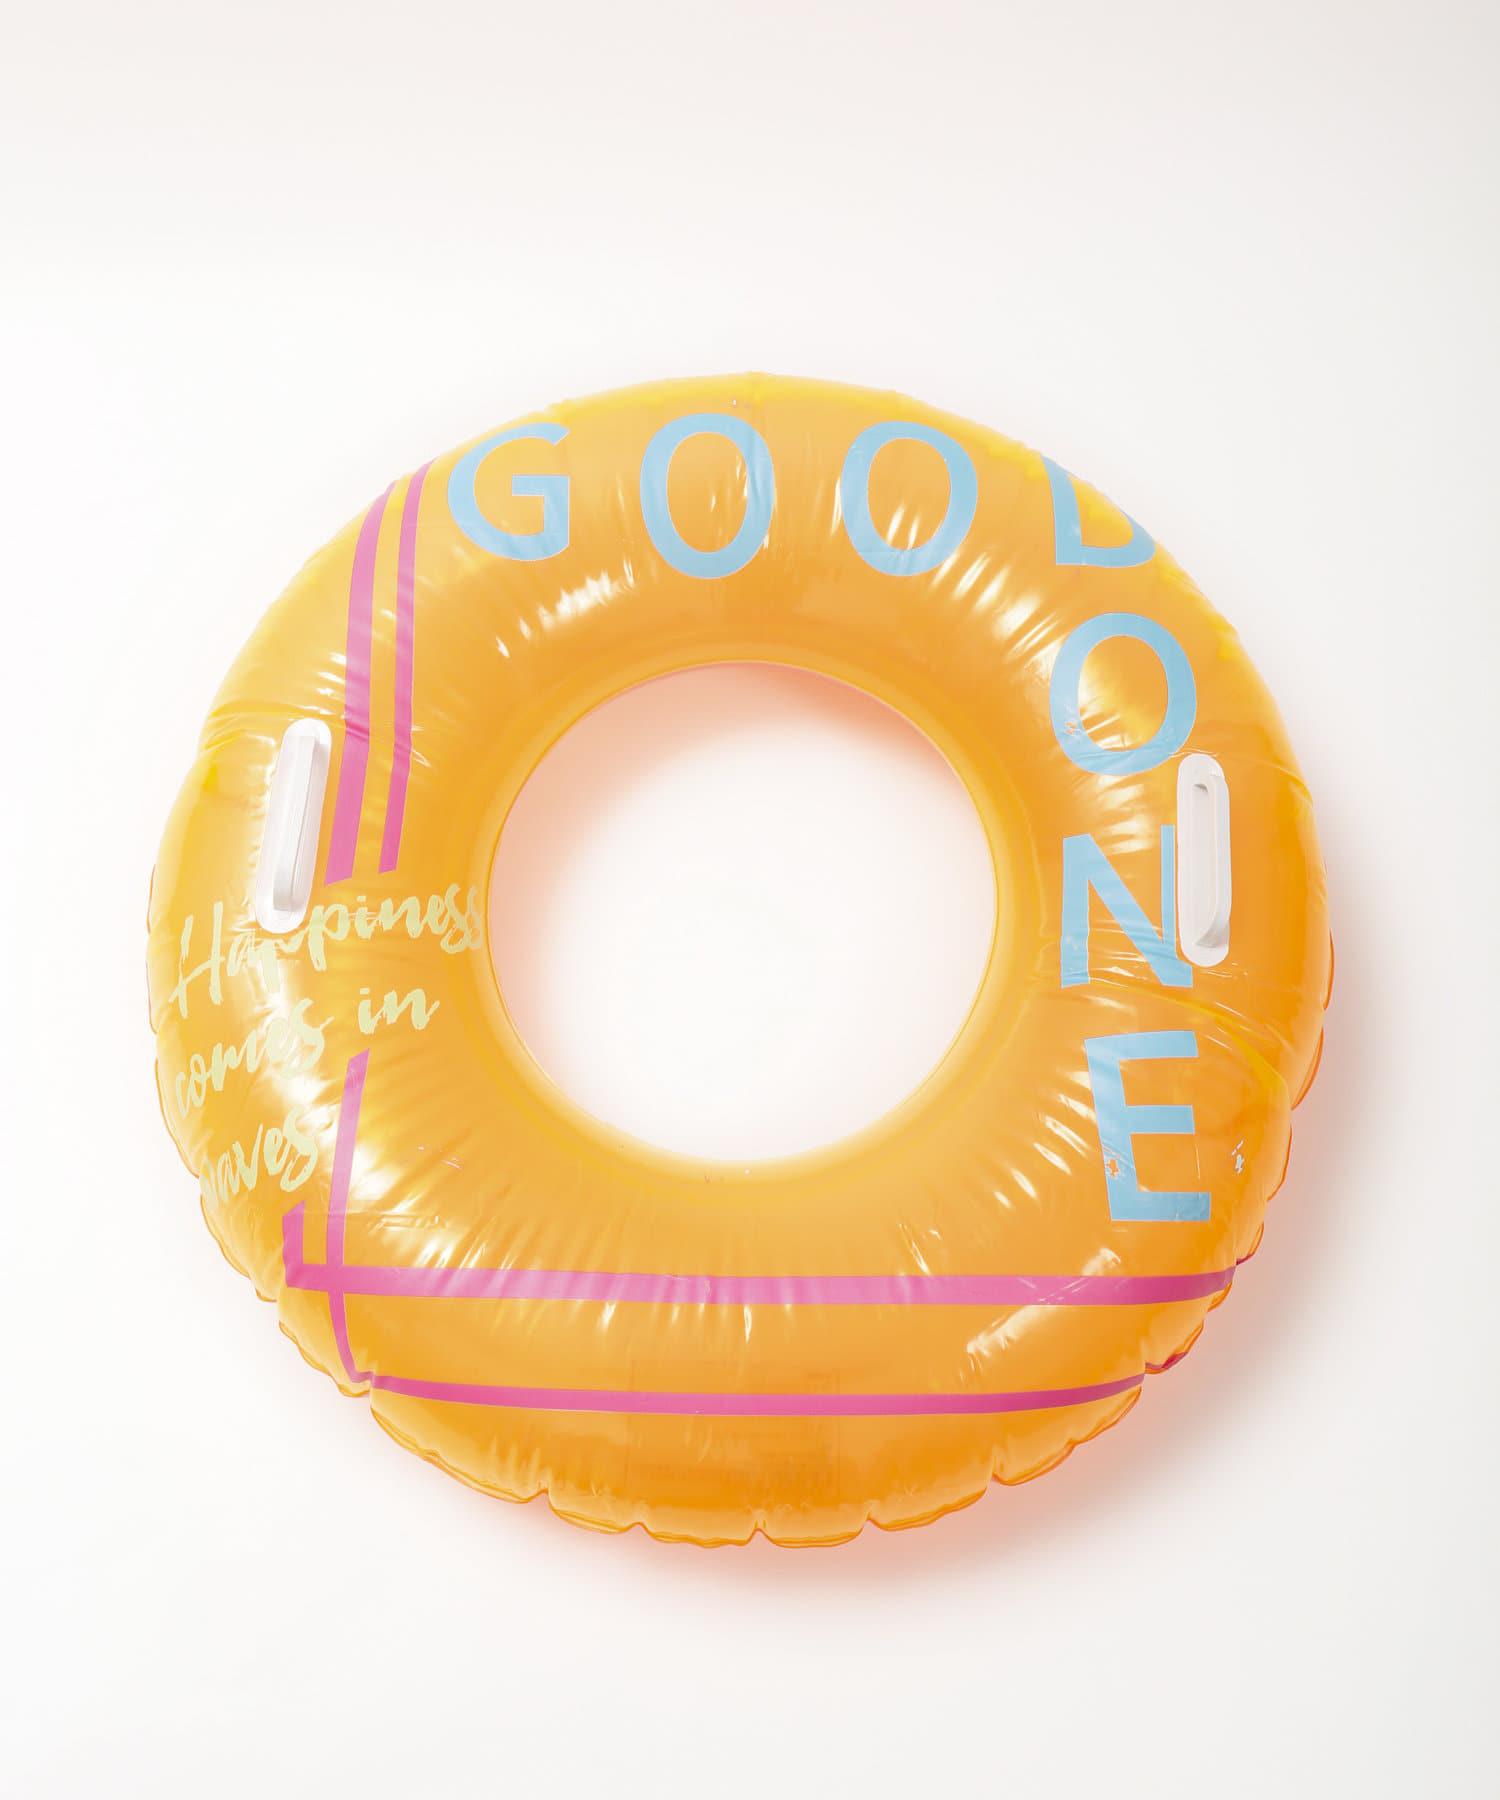 3COINS(スリーコインズ) ライフスタイル 【お外を楽しむ夏物アイテム】ハンドル付き浮き輪 その他